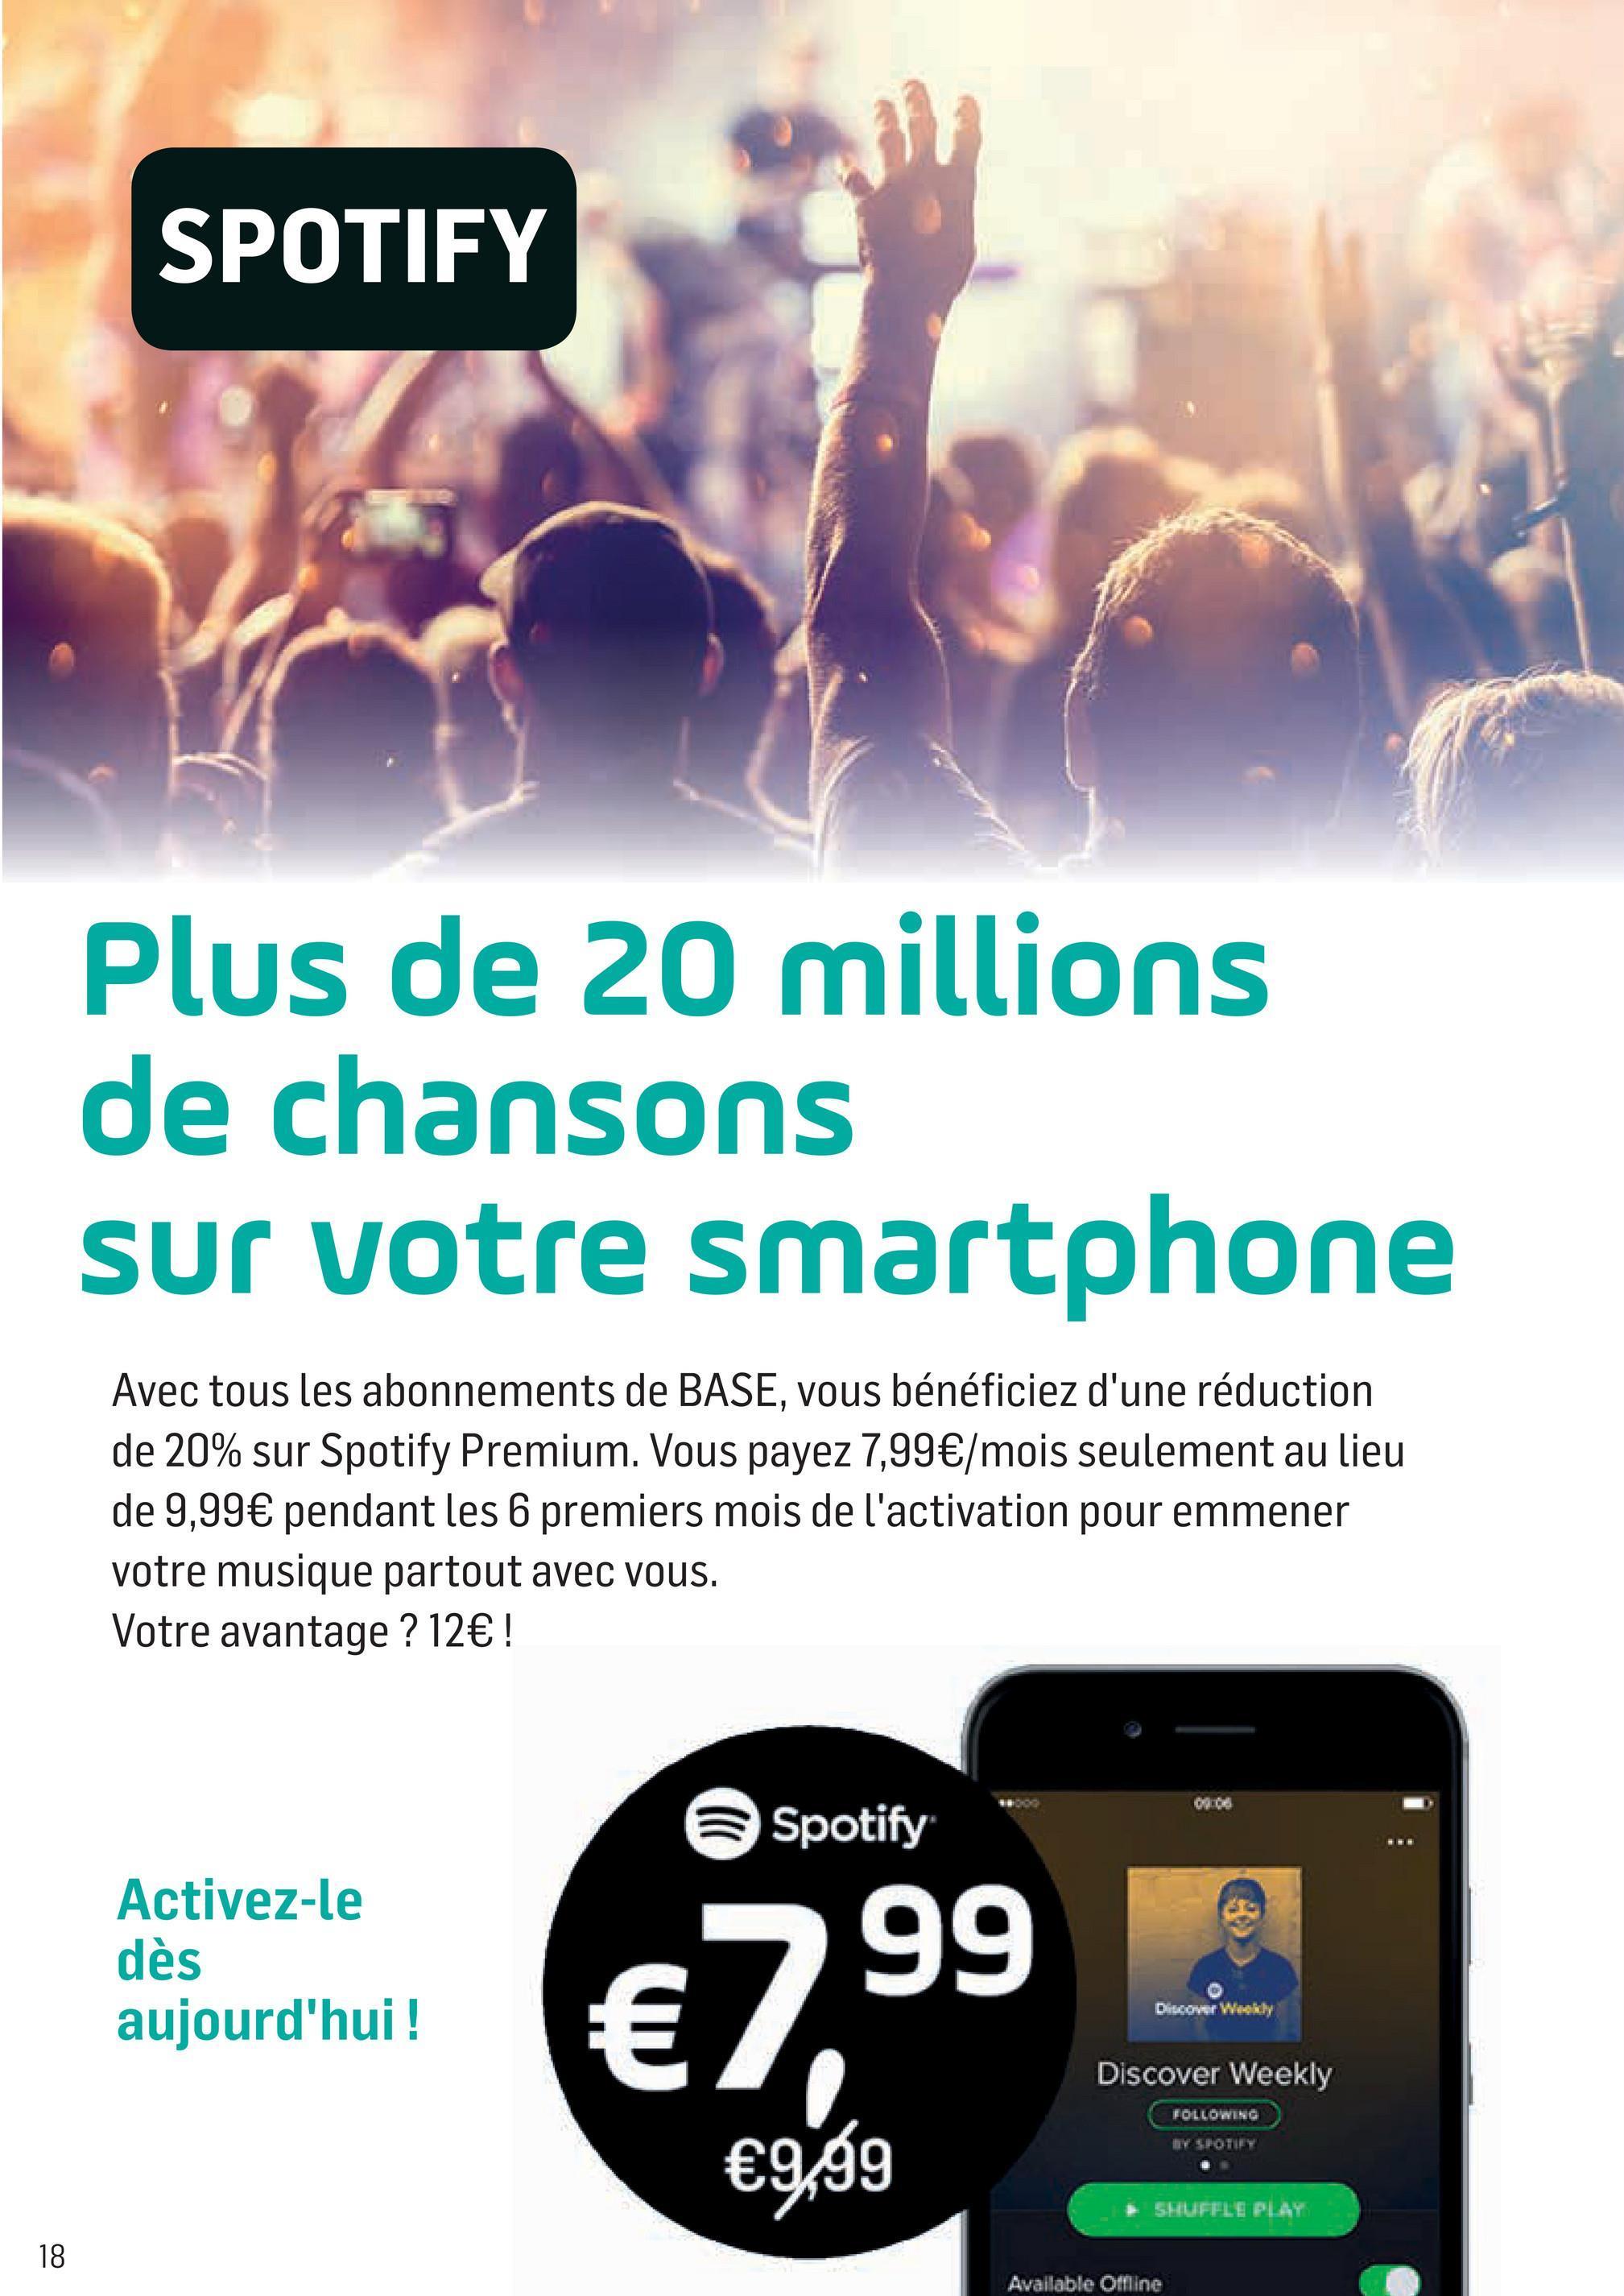 Folder Base du 05/07/2018 au 15/08/2018 - SPOTIFY Plus de 20 millions de chansons sur votre smartphone Avec tous les abonnements de BASE, vous bénéficiez d'une réduction de 20% sur Spotify Premium. Vous payez 7,99€/mois seulement au lieu de 9,99€ pendant les 6 premiers mois de l'activation pour emmener votre musique partout avec vous. Votre avantage ? 12€ ! Spotify Activez-le dès aujourd'hui ! = Discover Weekly €99 Discover Weekly FOLLOWING €9,99 SHUFFLE PLAY Available Offline